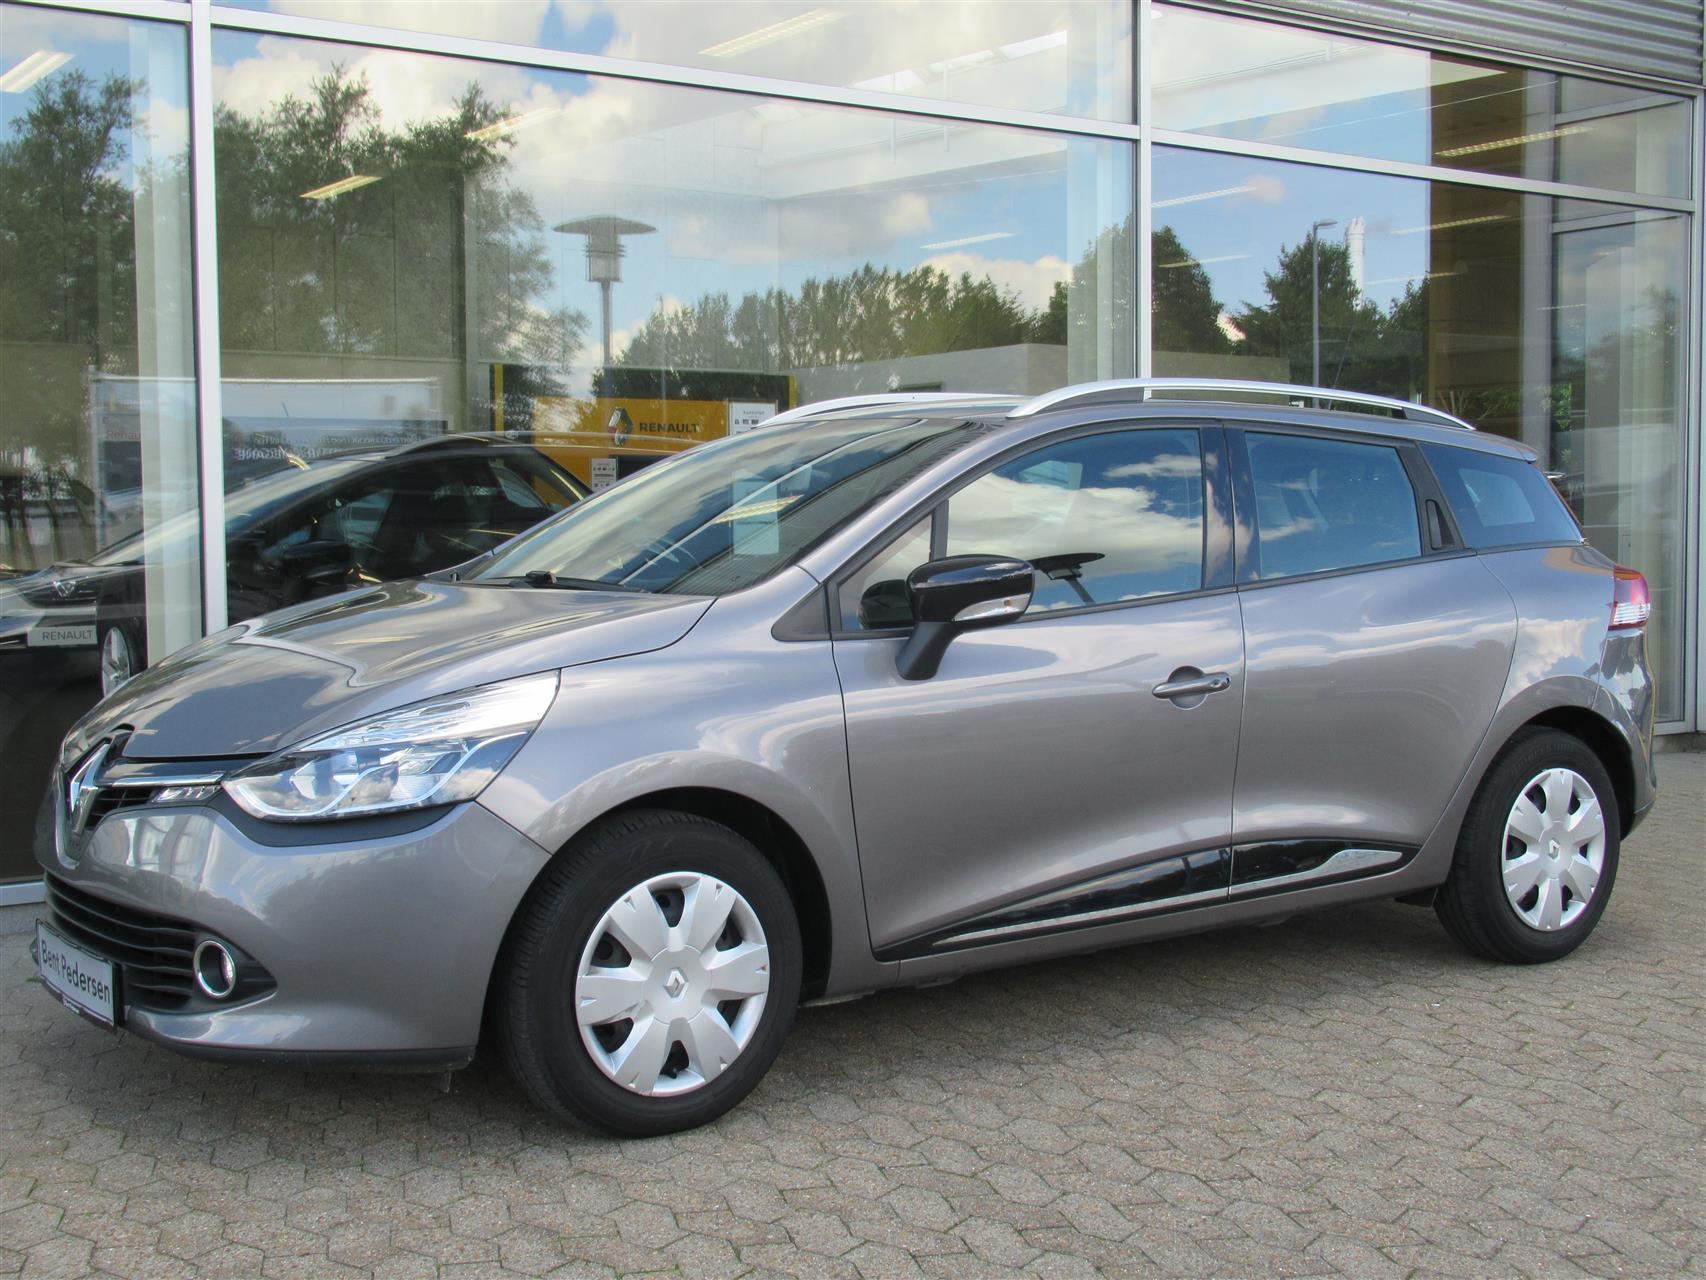 Billede af Renault Clio 0,9 TCE Expression Energy 99g 90HK 5d